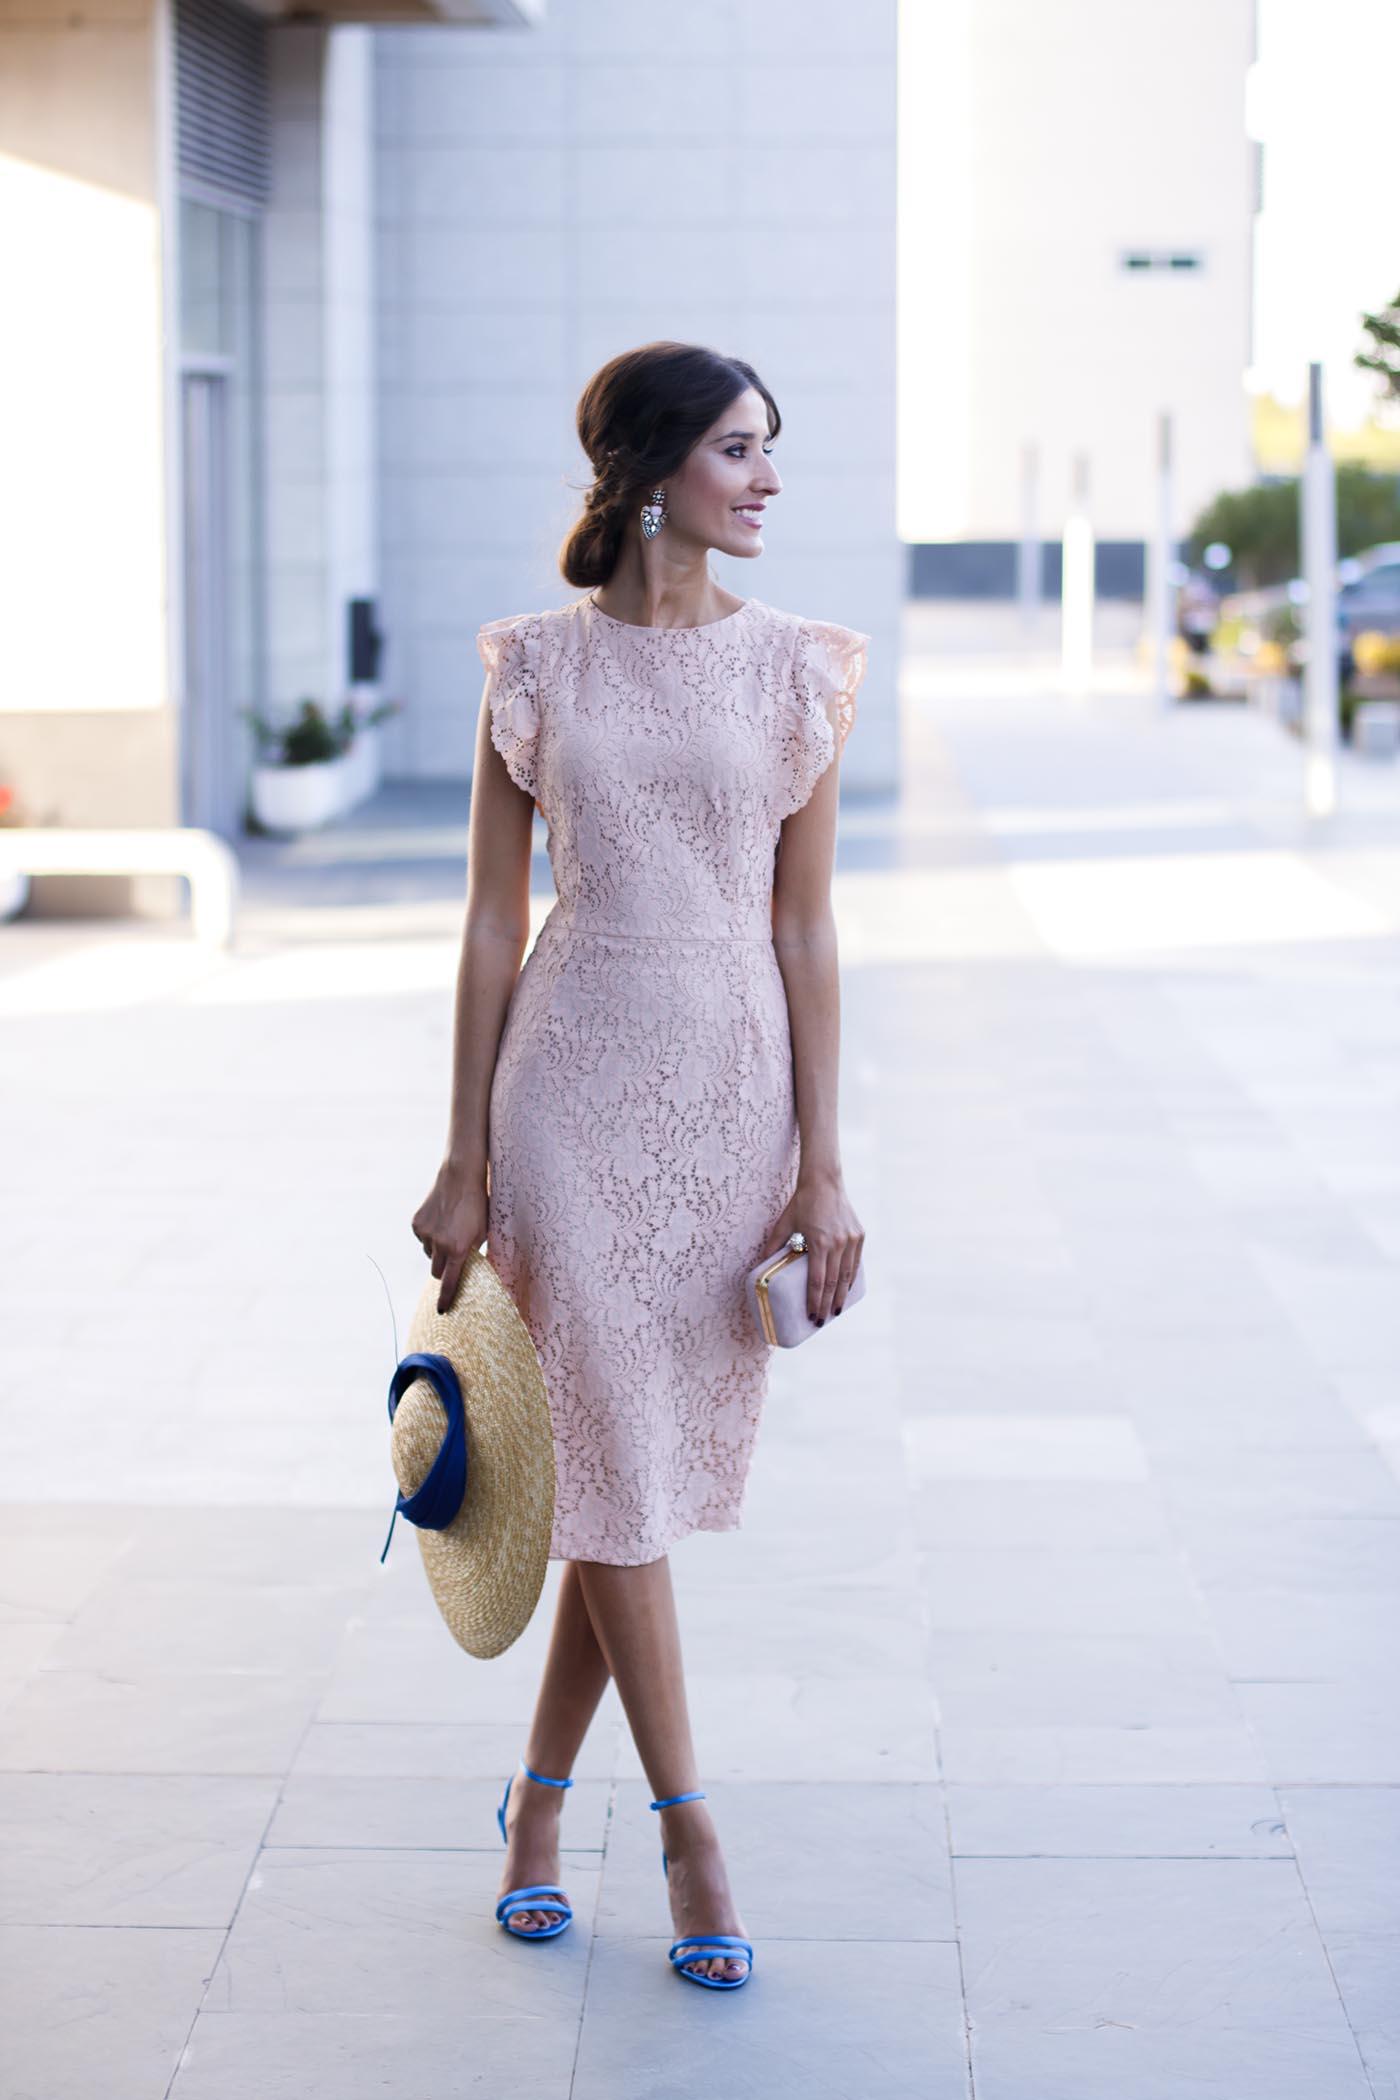 acf7713b0 Look invitada perfecta lowcost Zara con vestido de encaje rosa y ...